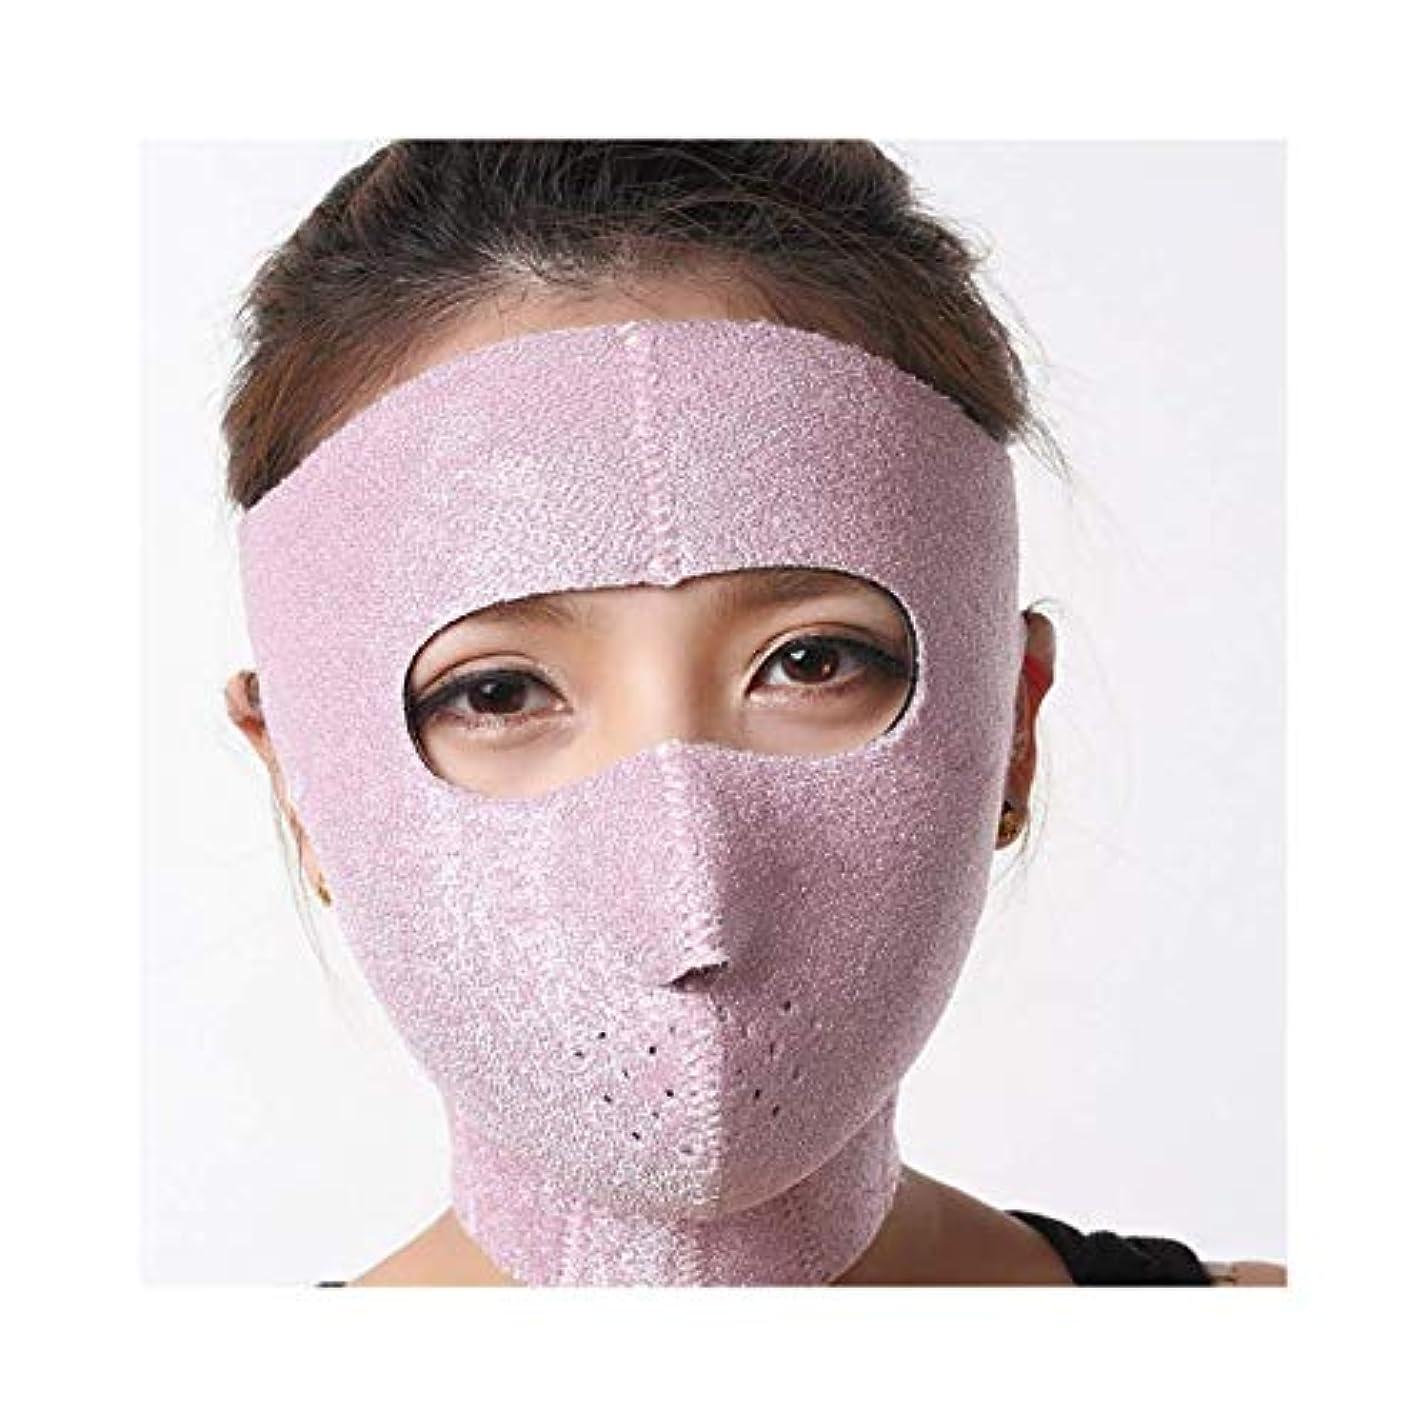 不潔子孫約設定スリミングベルト、フェイシャルマスク薄い顔マスク睡眠薄い顔マスク薄い顔包帯薄い顔アーティファクト薄い顔顔リフティング薄い顔小さなV顔睡眠薄い顔ベルト